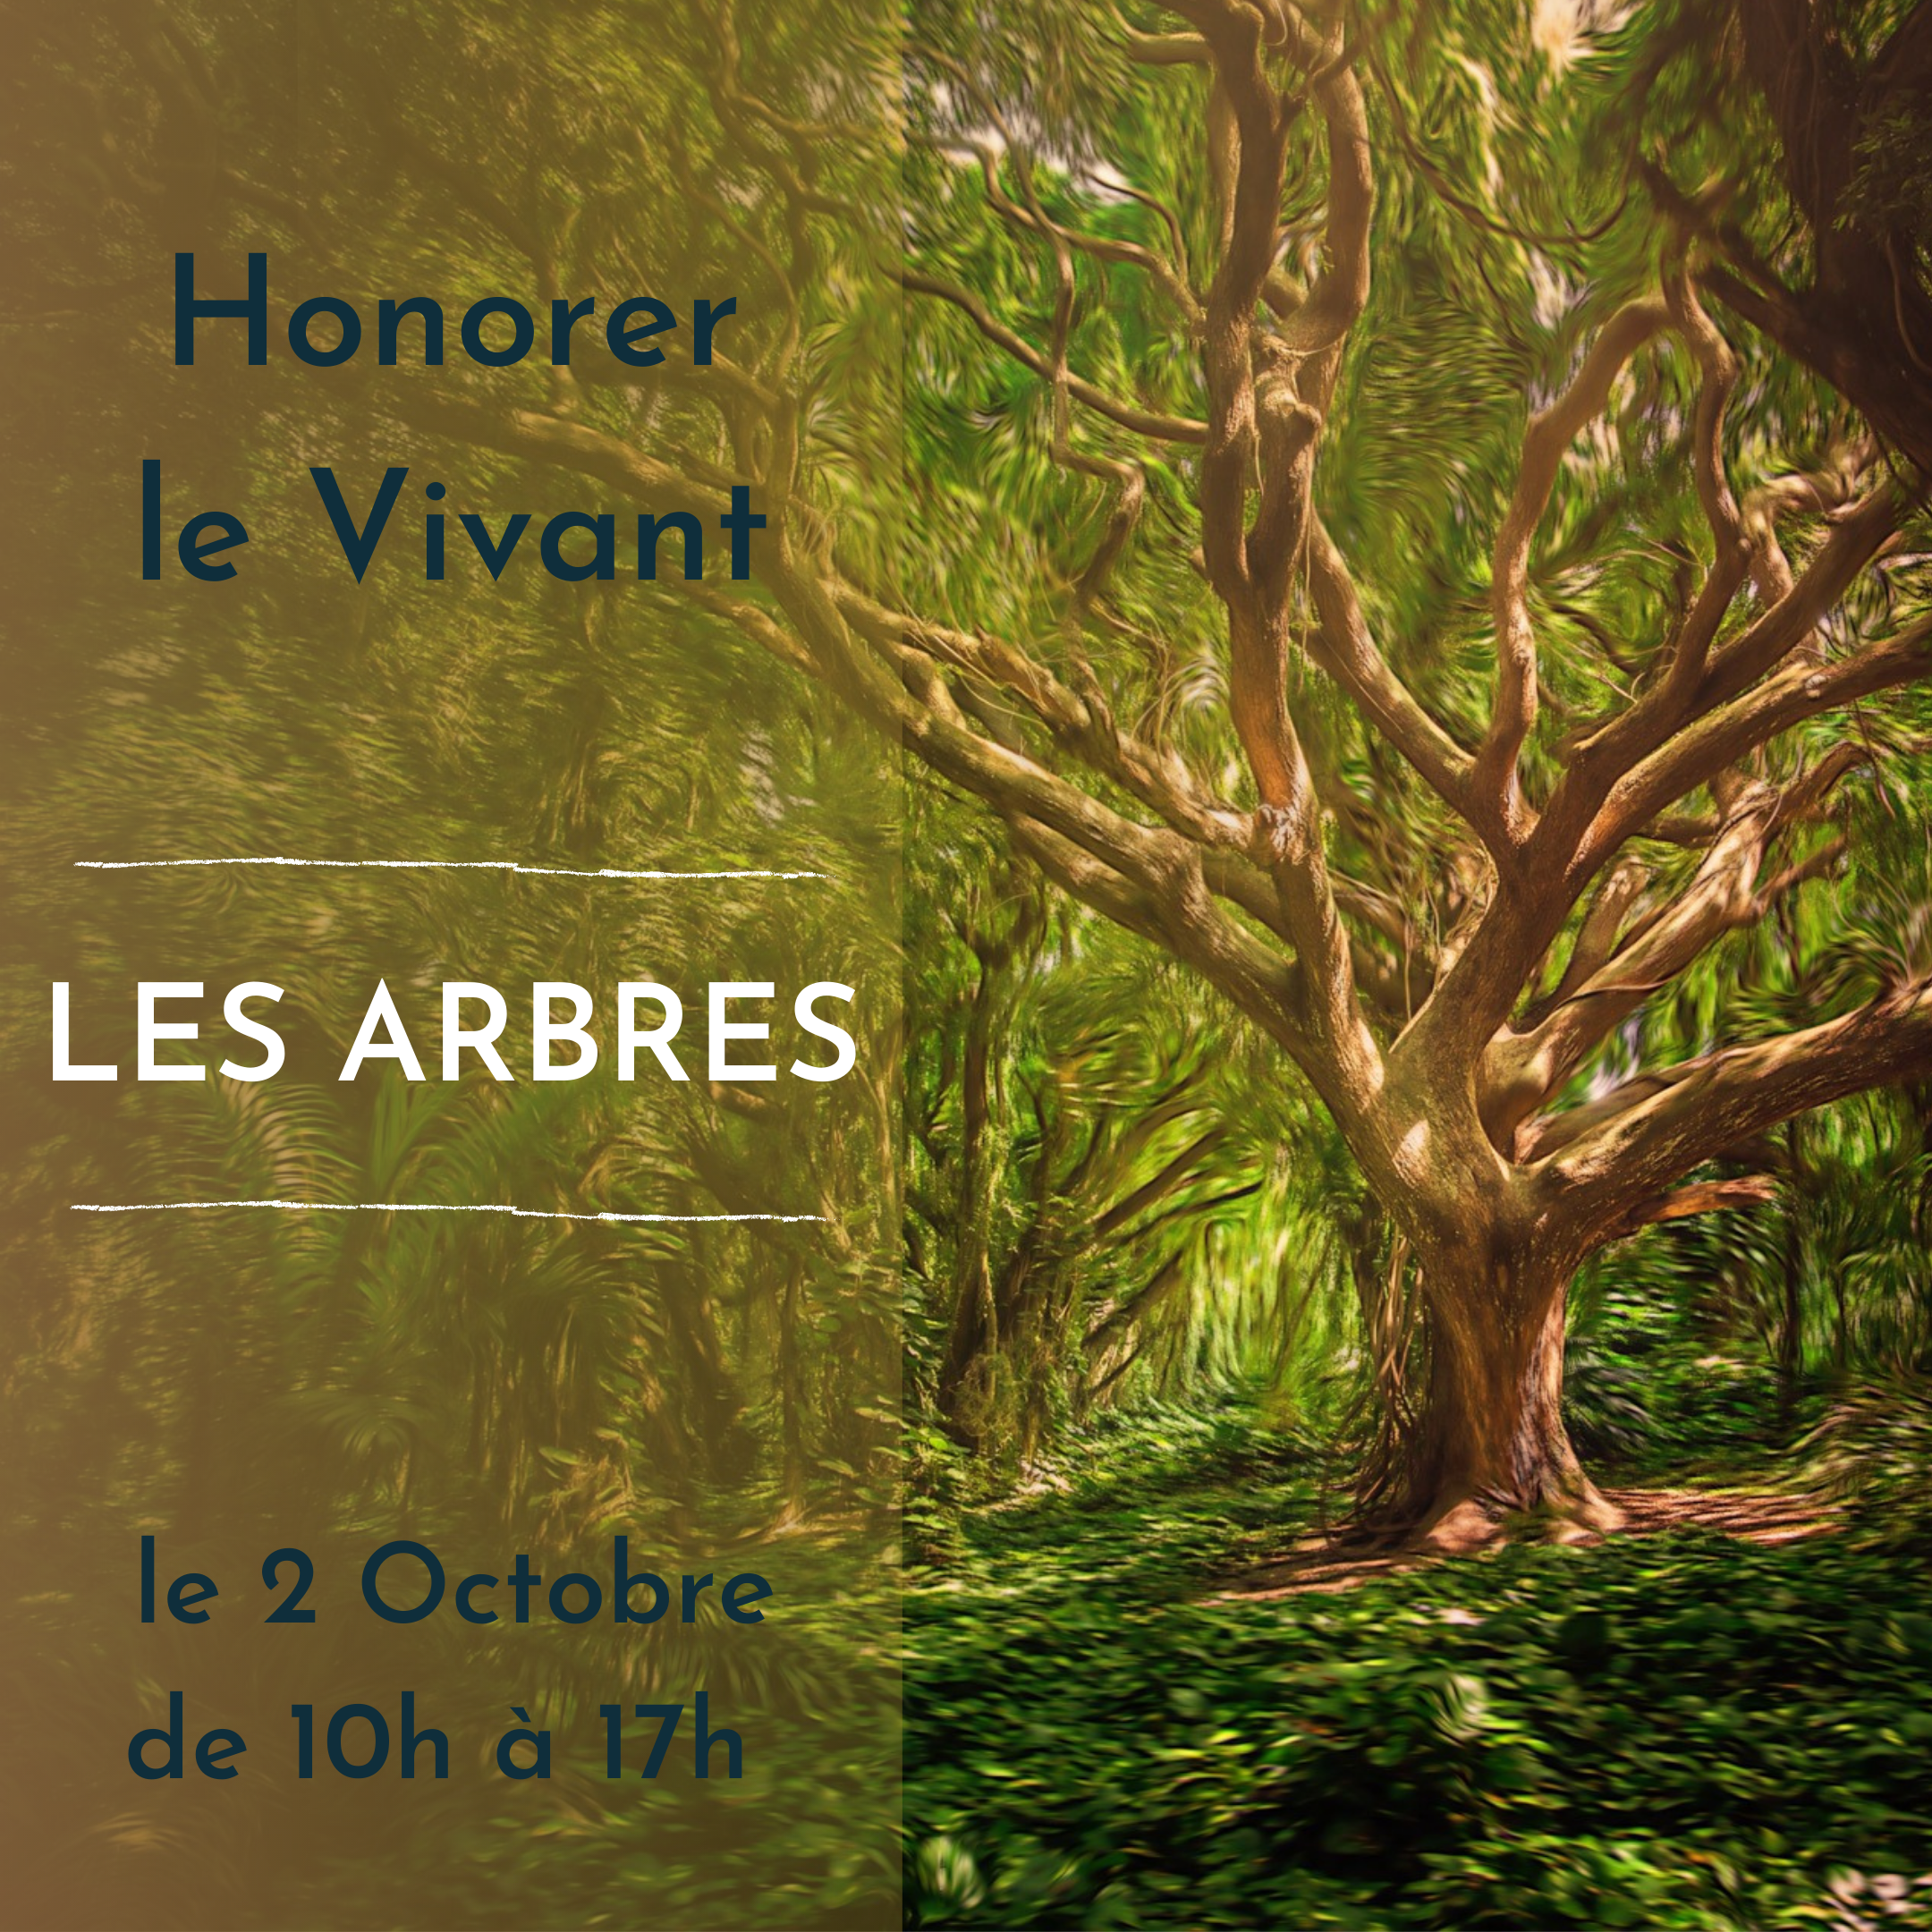 Honorer Le Vivant - Les Arbres